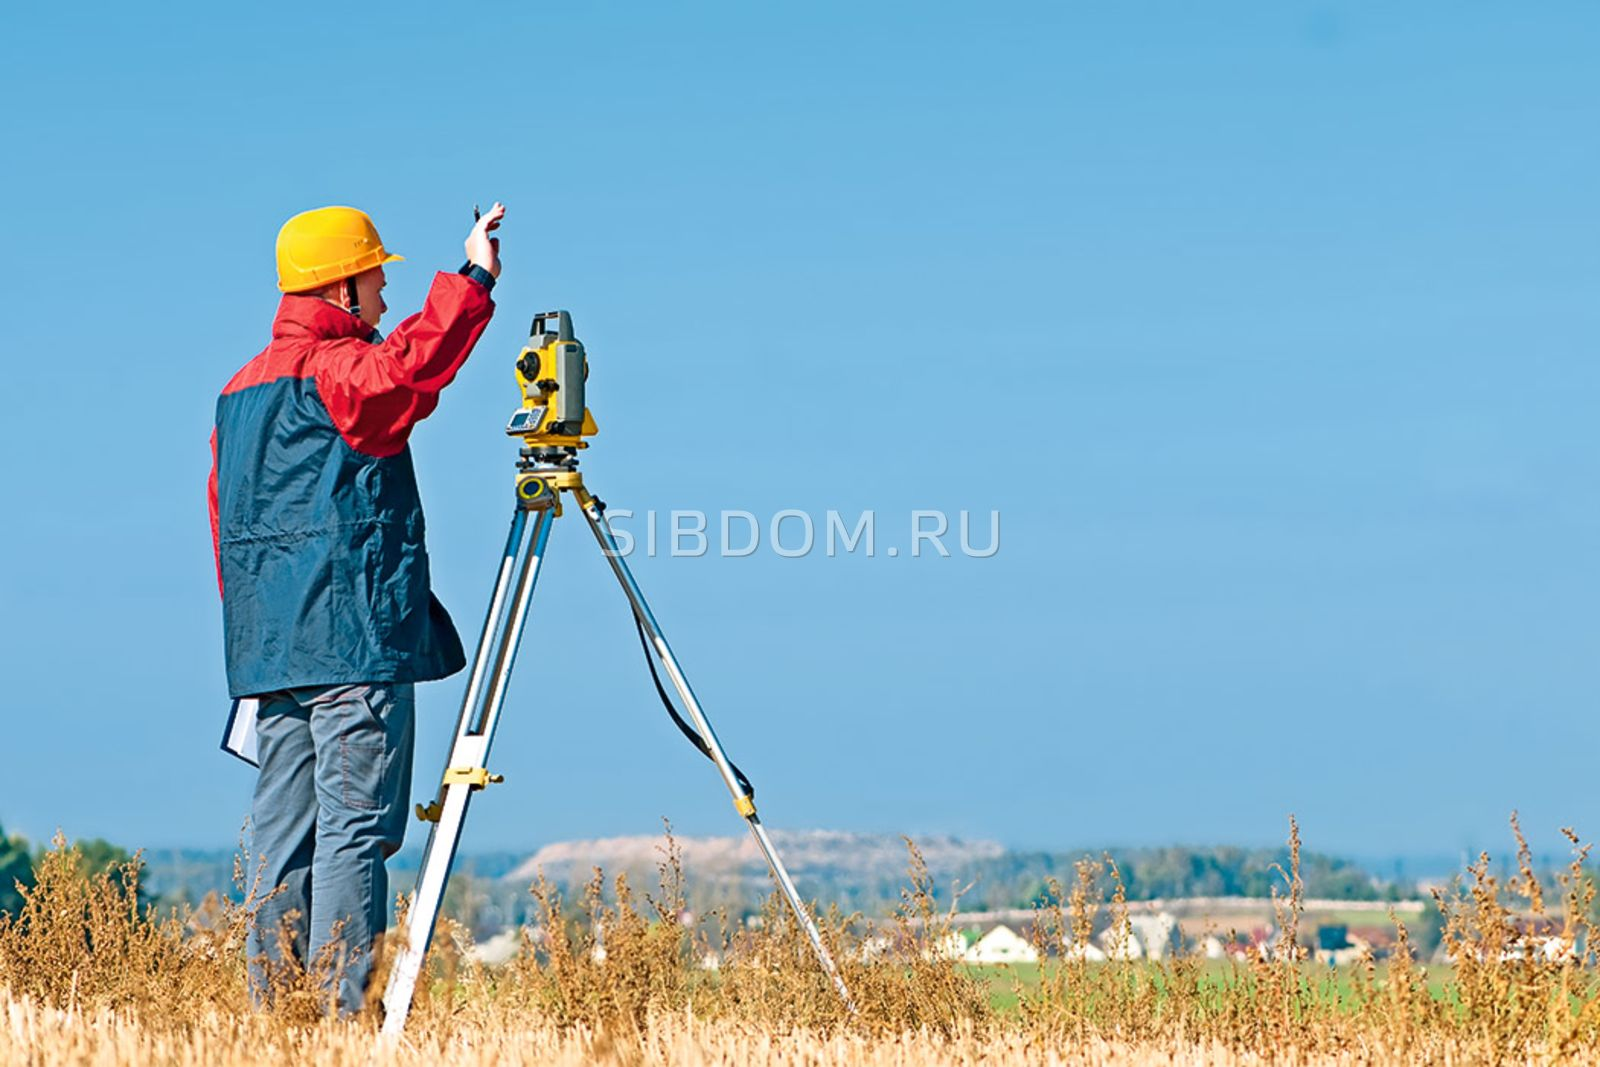 Как поставить земельный участок на кадастровый учет: пошаговая инструкция 2020